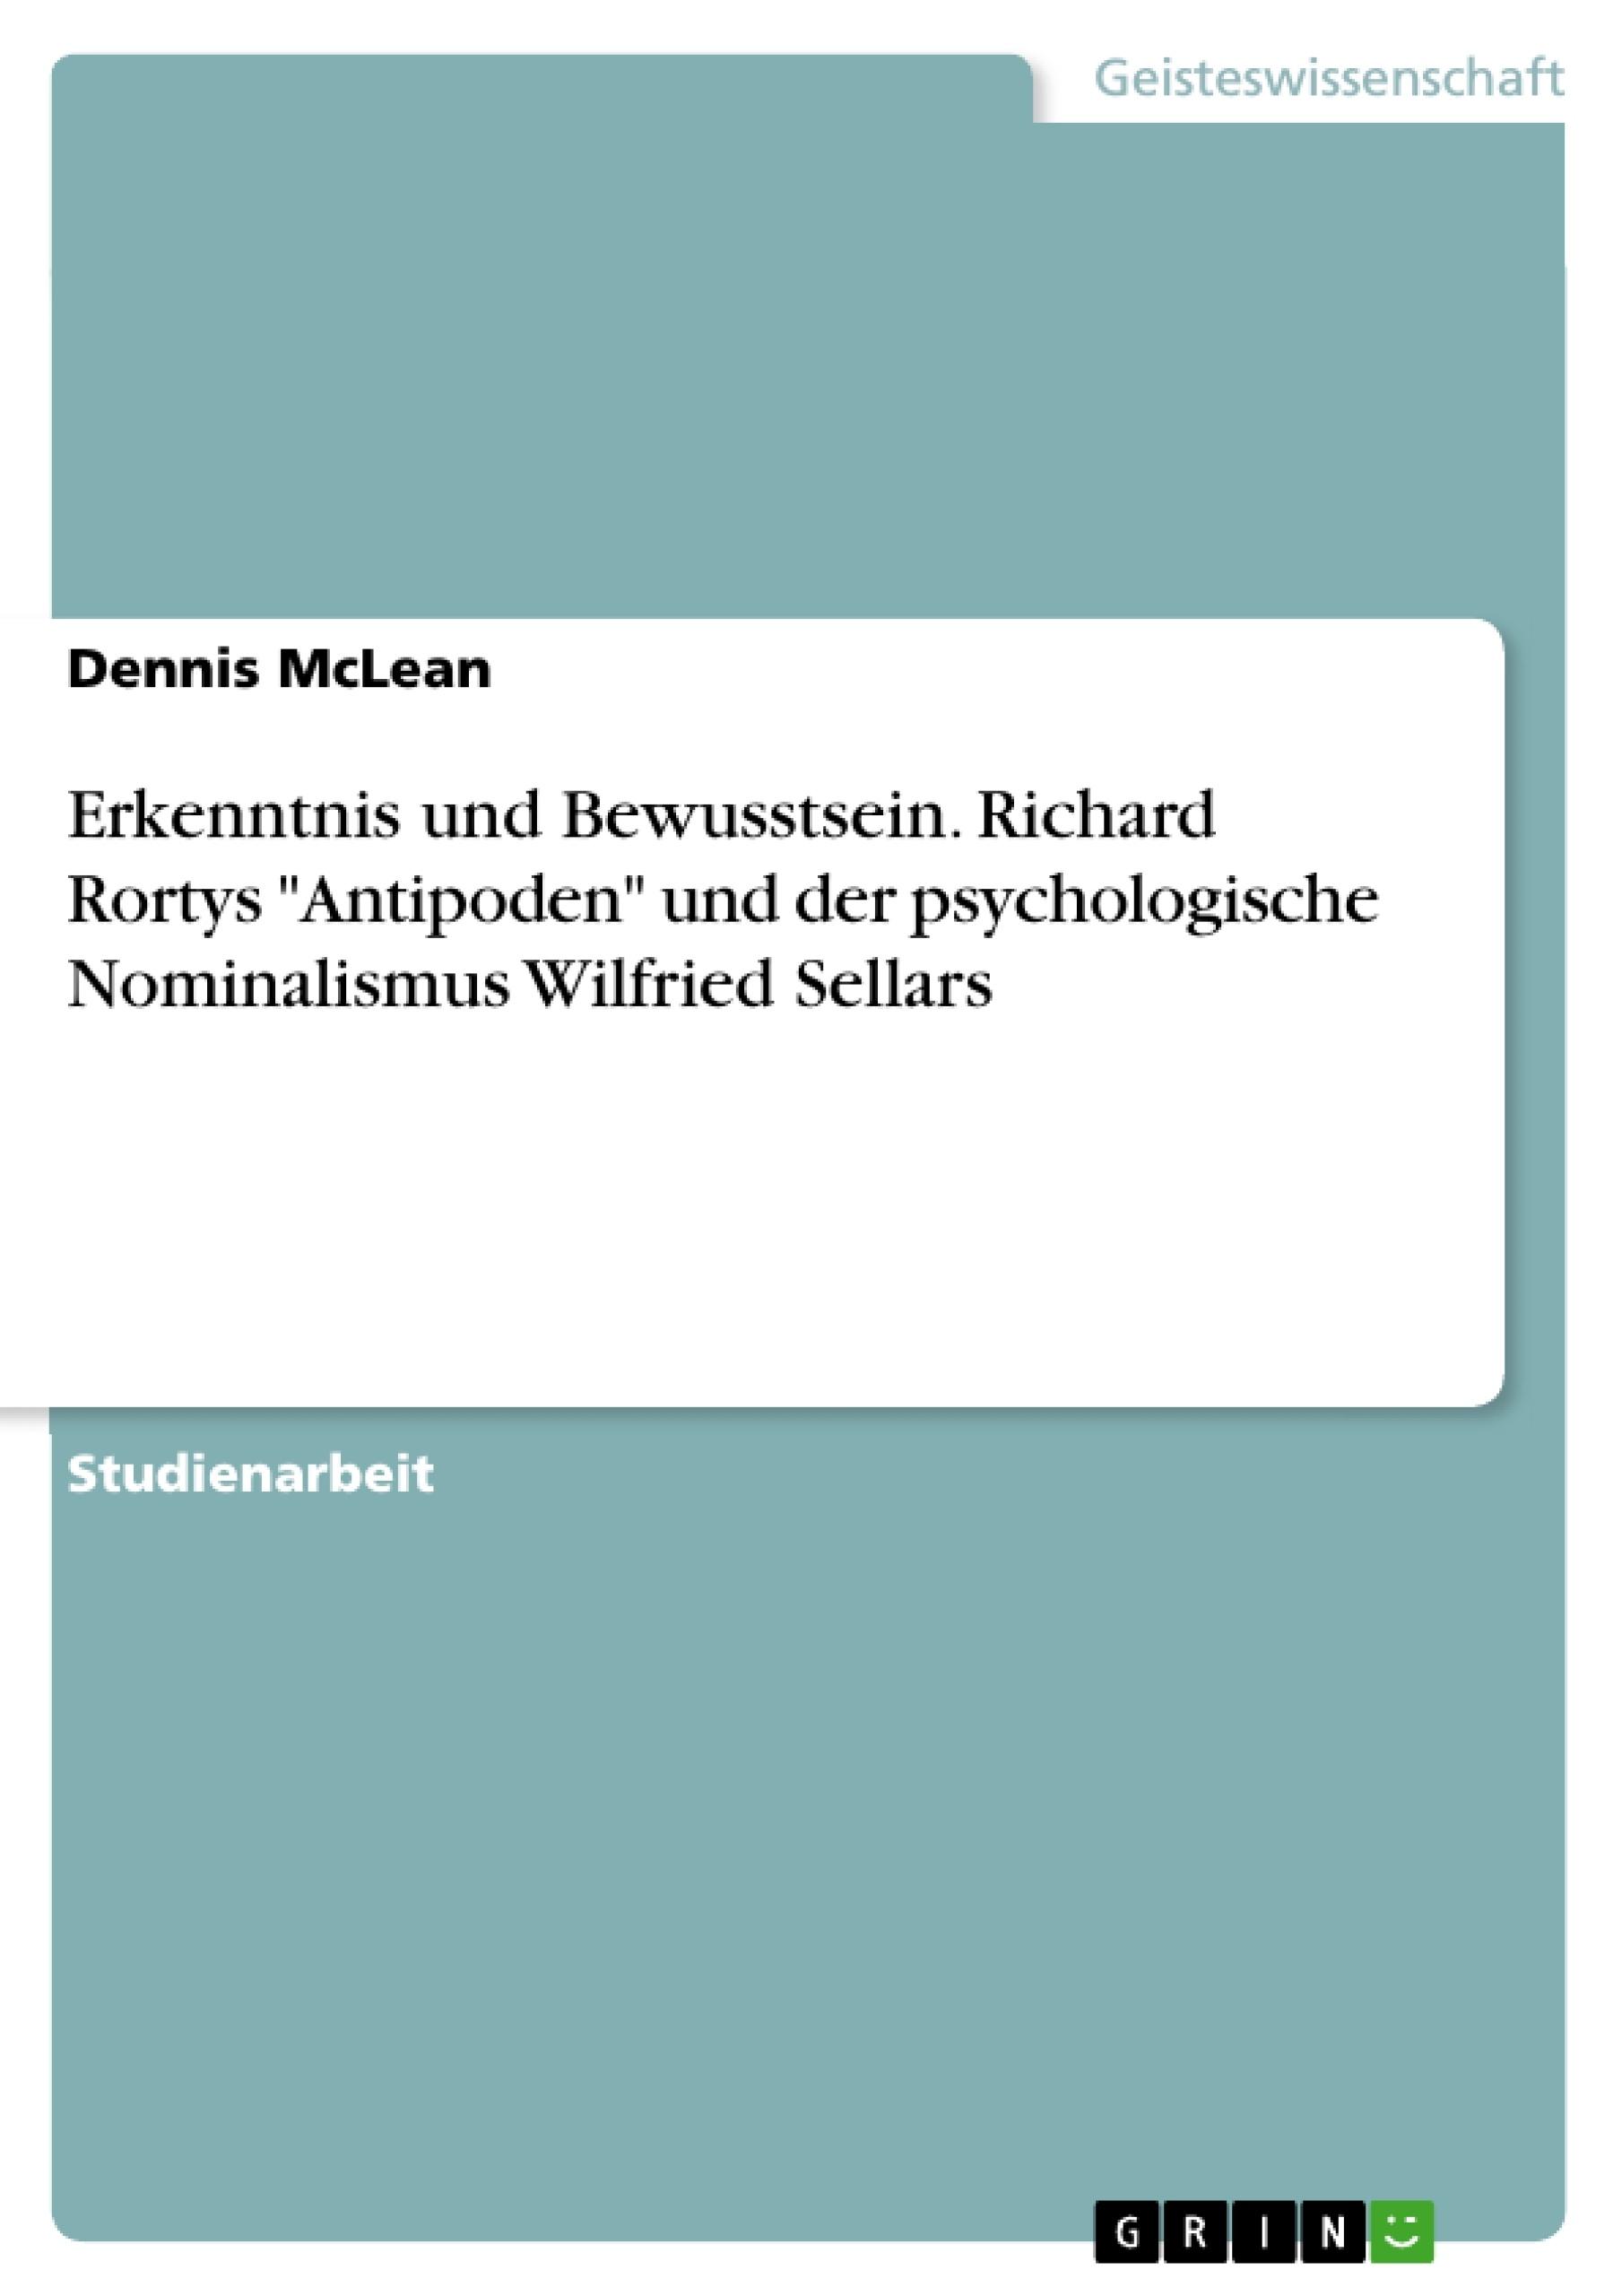 """Titel: Erkenntnis und Bewusstsein. Richard Rortys """"Antipoden"""" und der psychologische Nominalismus Wilfried Sellars"""